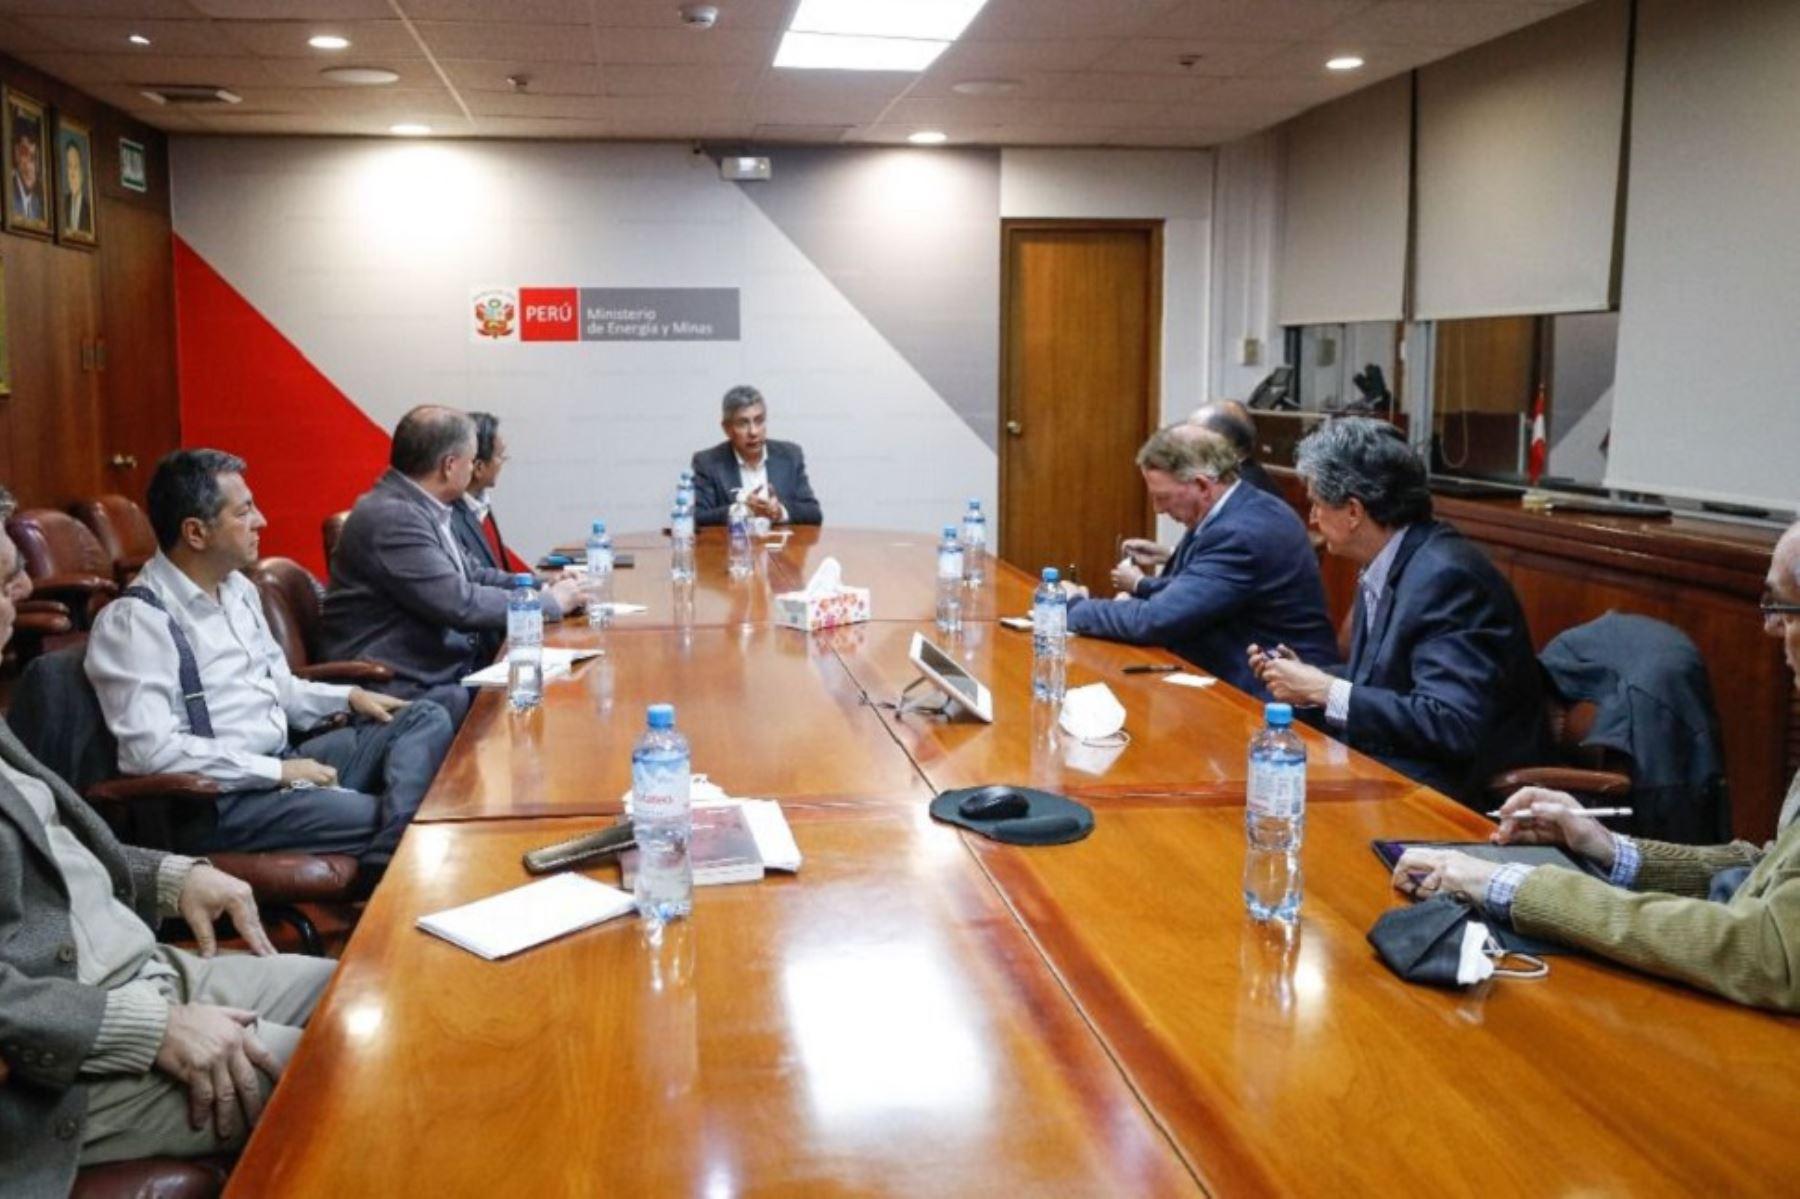 Ministro de Energía y Minas, Iván Merino (al centro) se reúne con representantes de las empresas del sector minero energético. Foto: Cortesía.